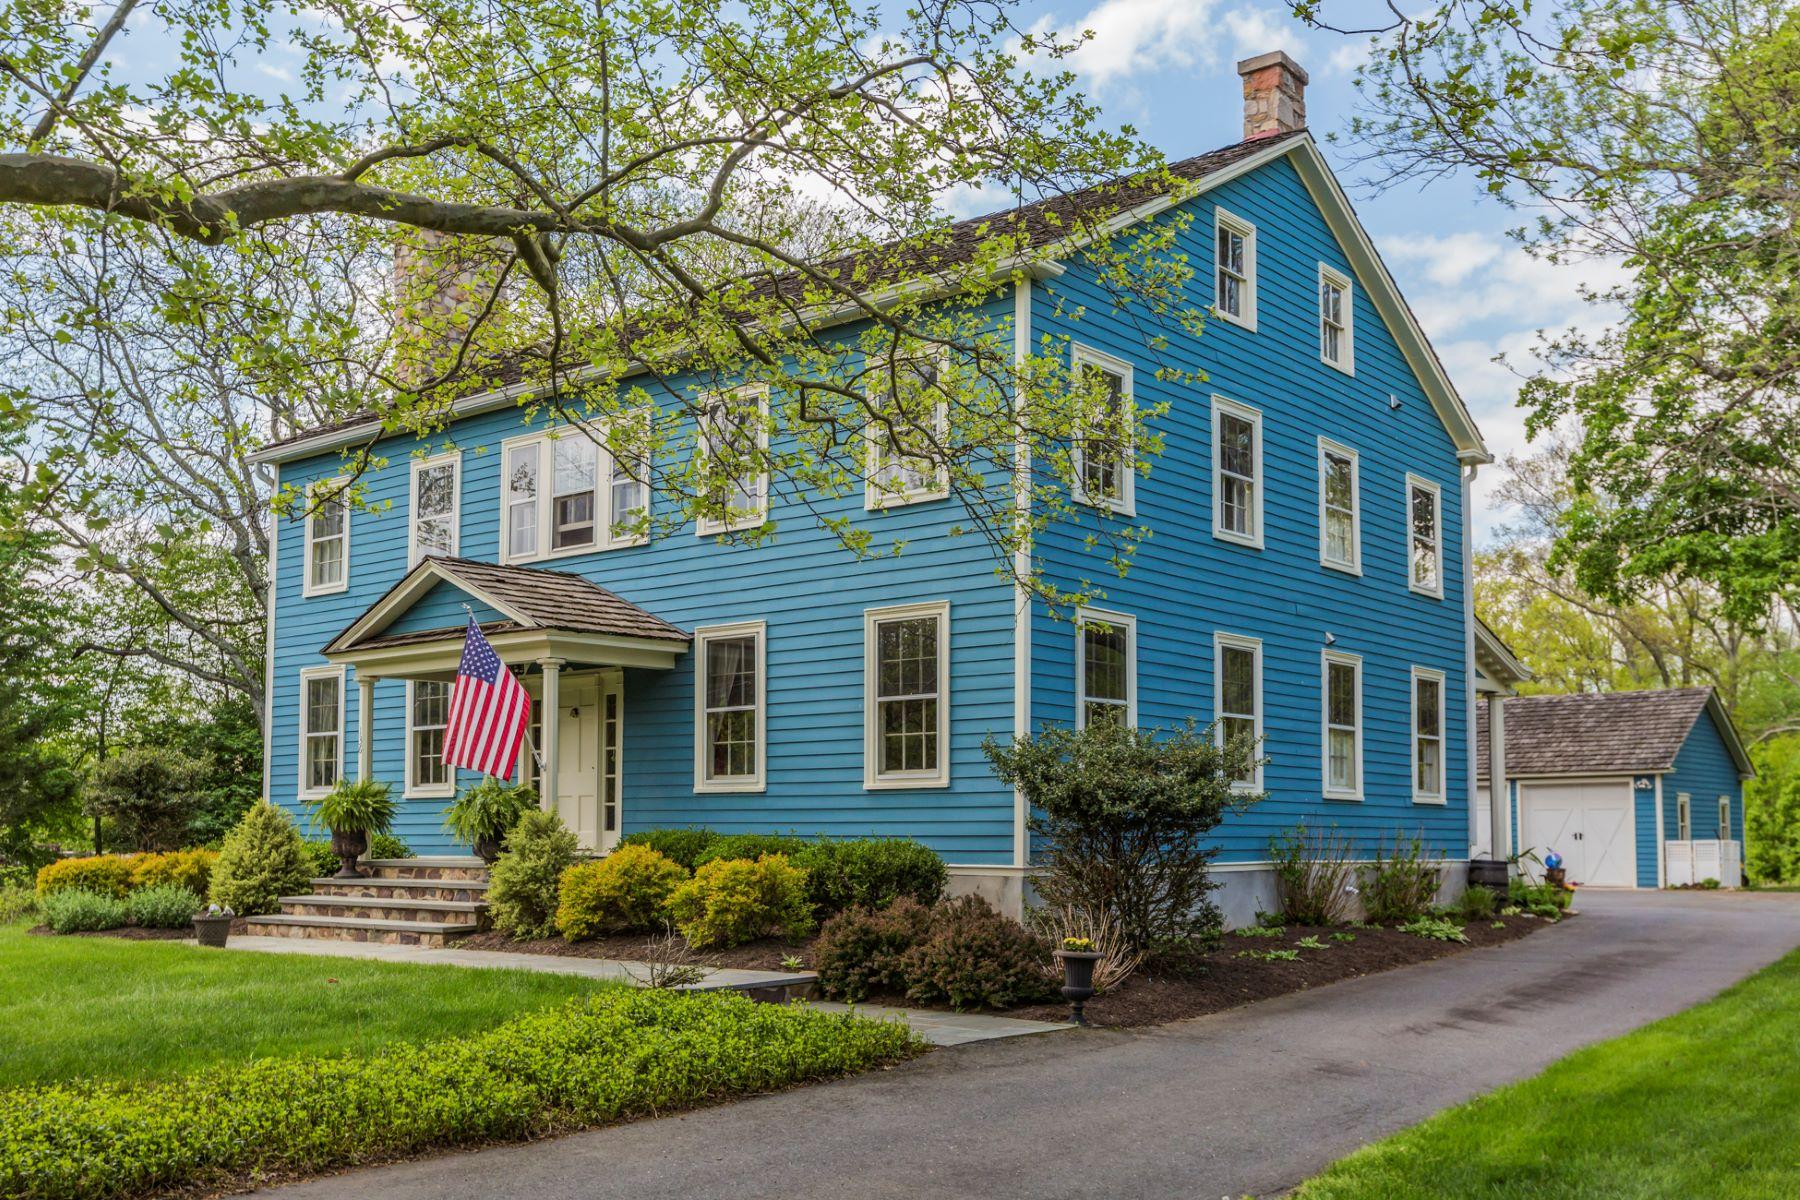 Nhà ở một gia đình vì Bán tại Restored Farmhouse Enveloped by Protected Land - South Brunswick Township 134 -136 Mapleton Road Princeton, New Jersey, 08543 Hoa Kỳ